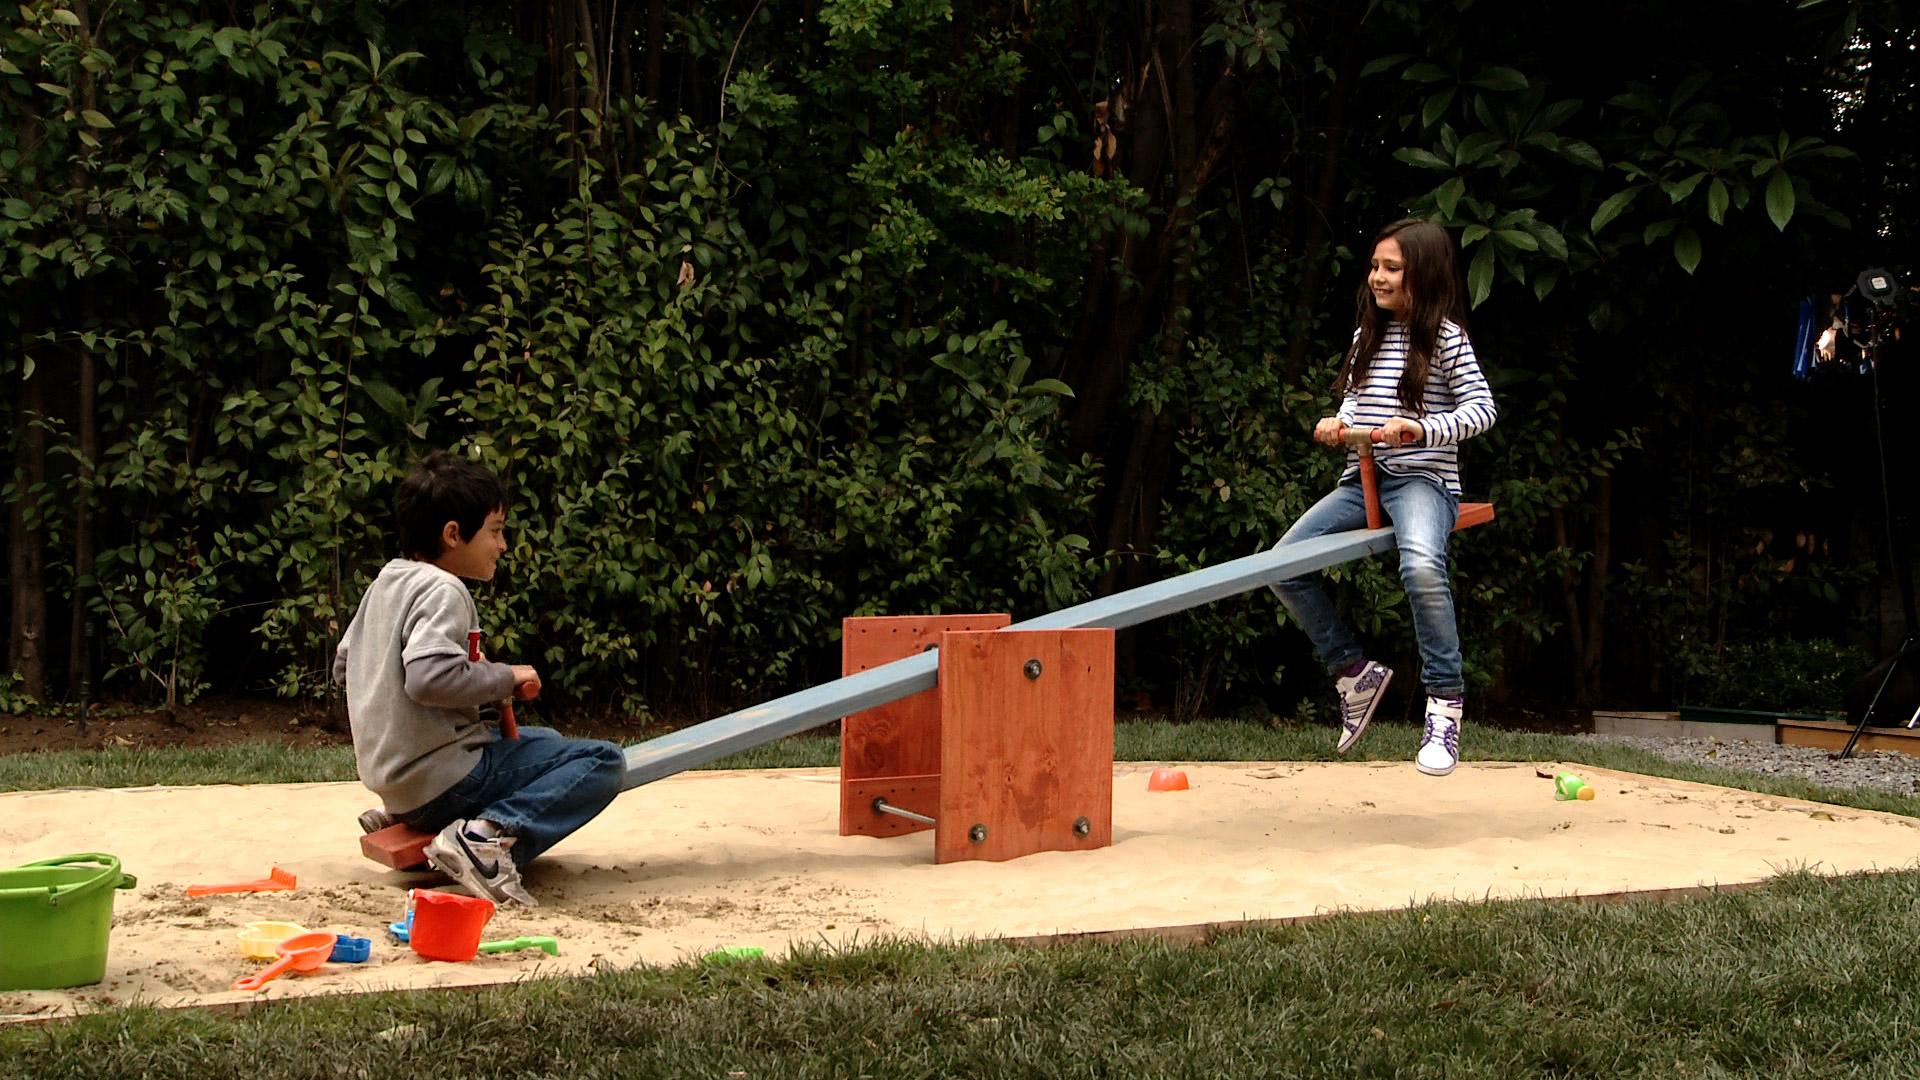 Con este proyecto nos vamos a preocupar 100% de la entretención de los niños, porque construiremos un balancín. Un balancín es un juego para 2 niños, se trata de una tabla o palo bien grueso, que se afirma en 1 sólo punto, para que pueda subir o bajar, según cómo se reparta el peso.